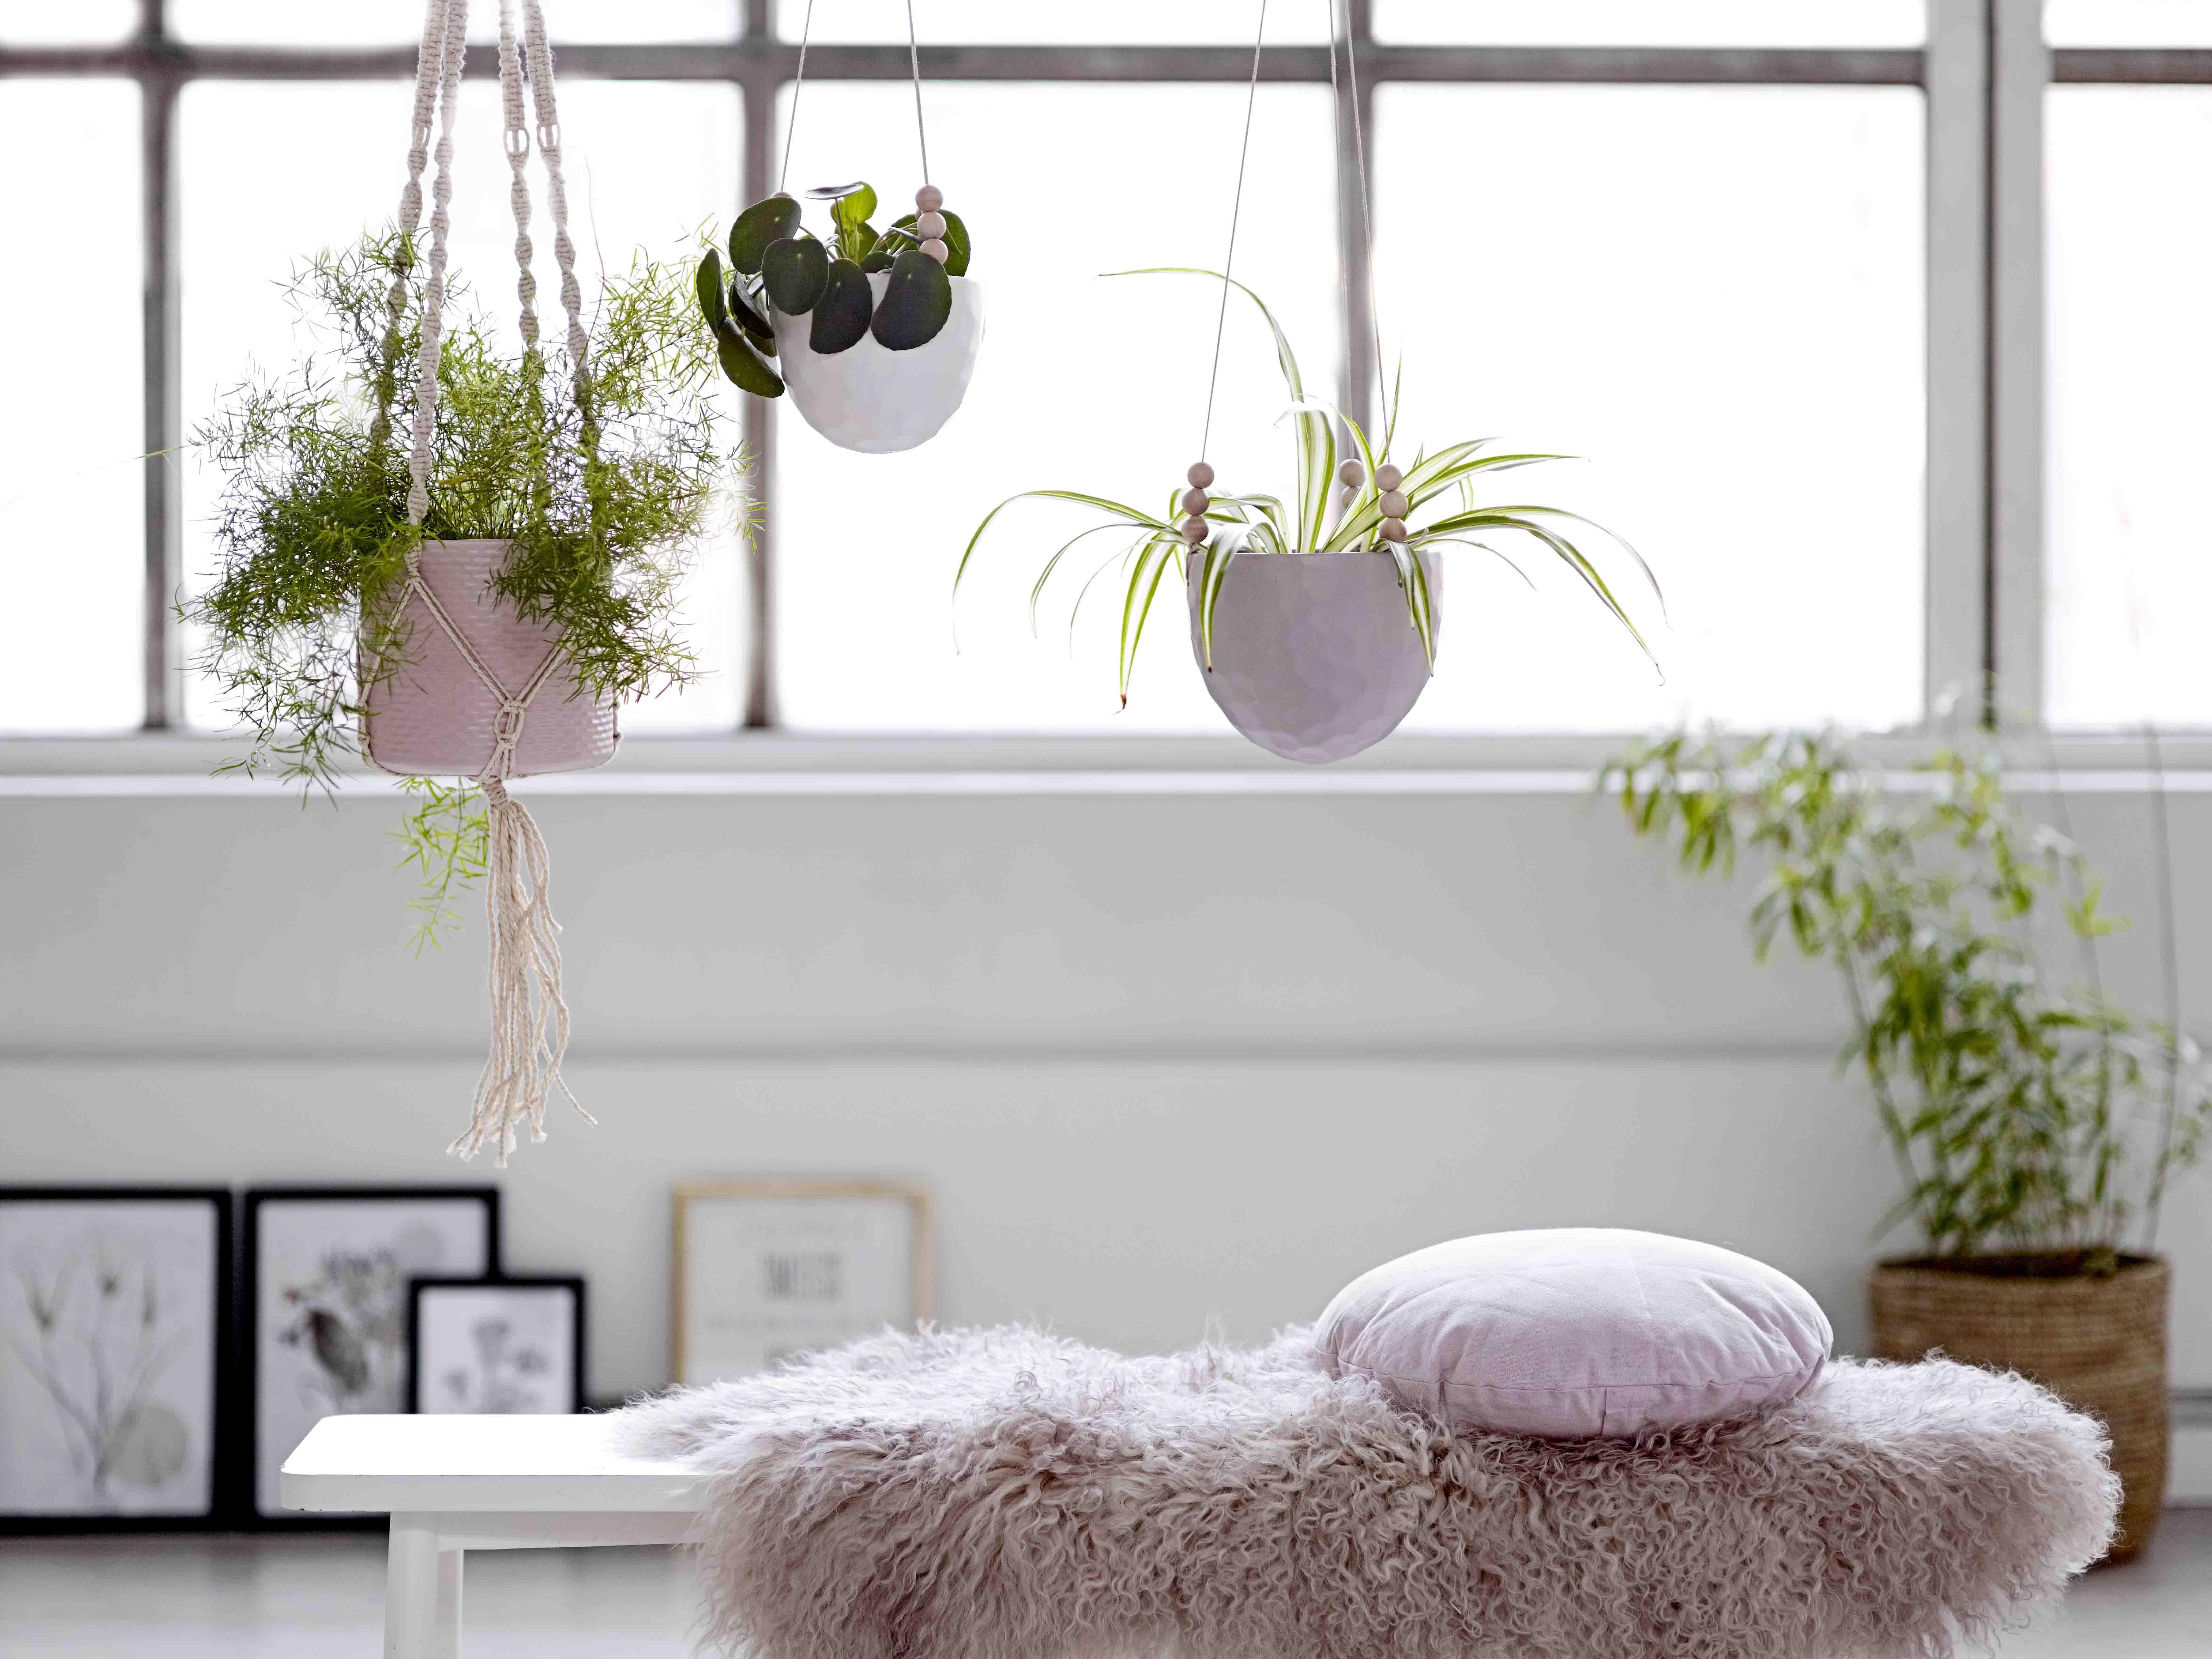 o trouver des pots pour suspendre les plantes. Black Bedroom Furniture Sets. Home Design Ideas